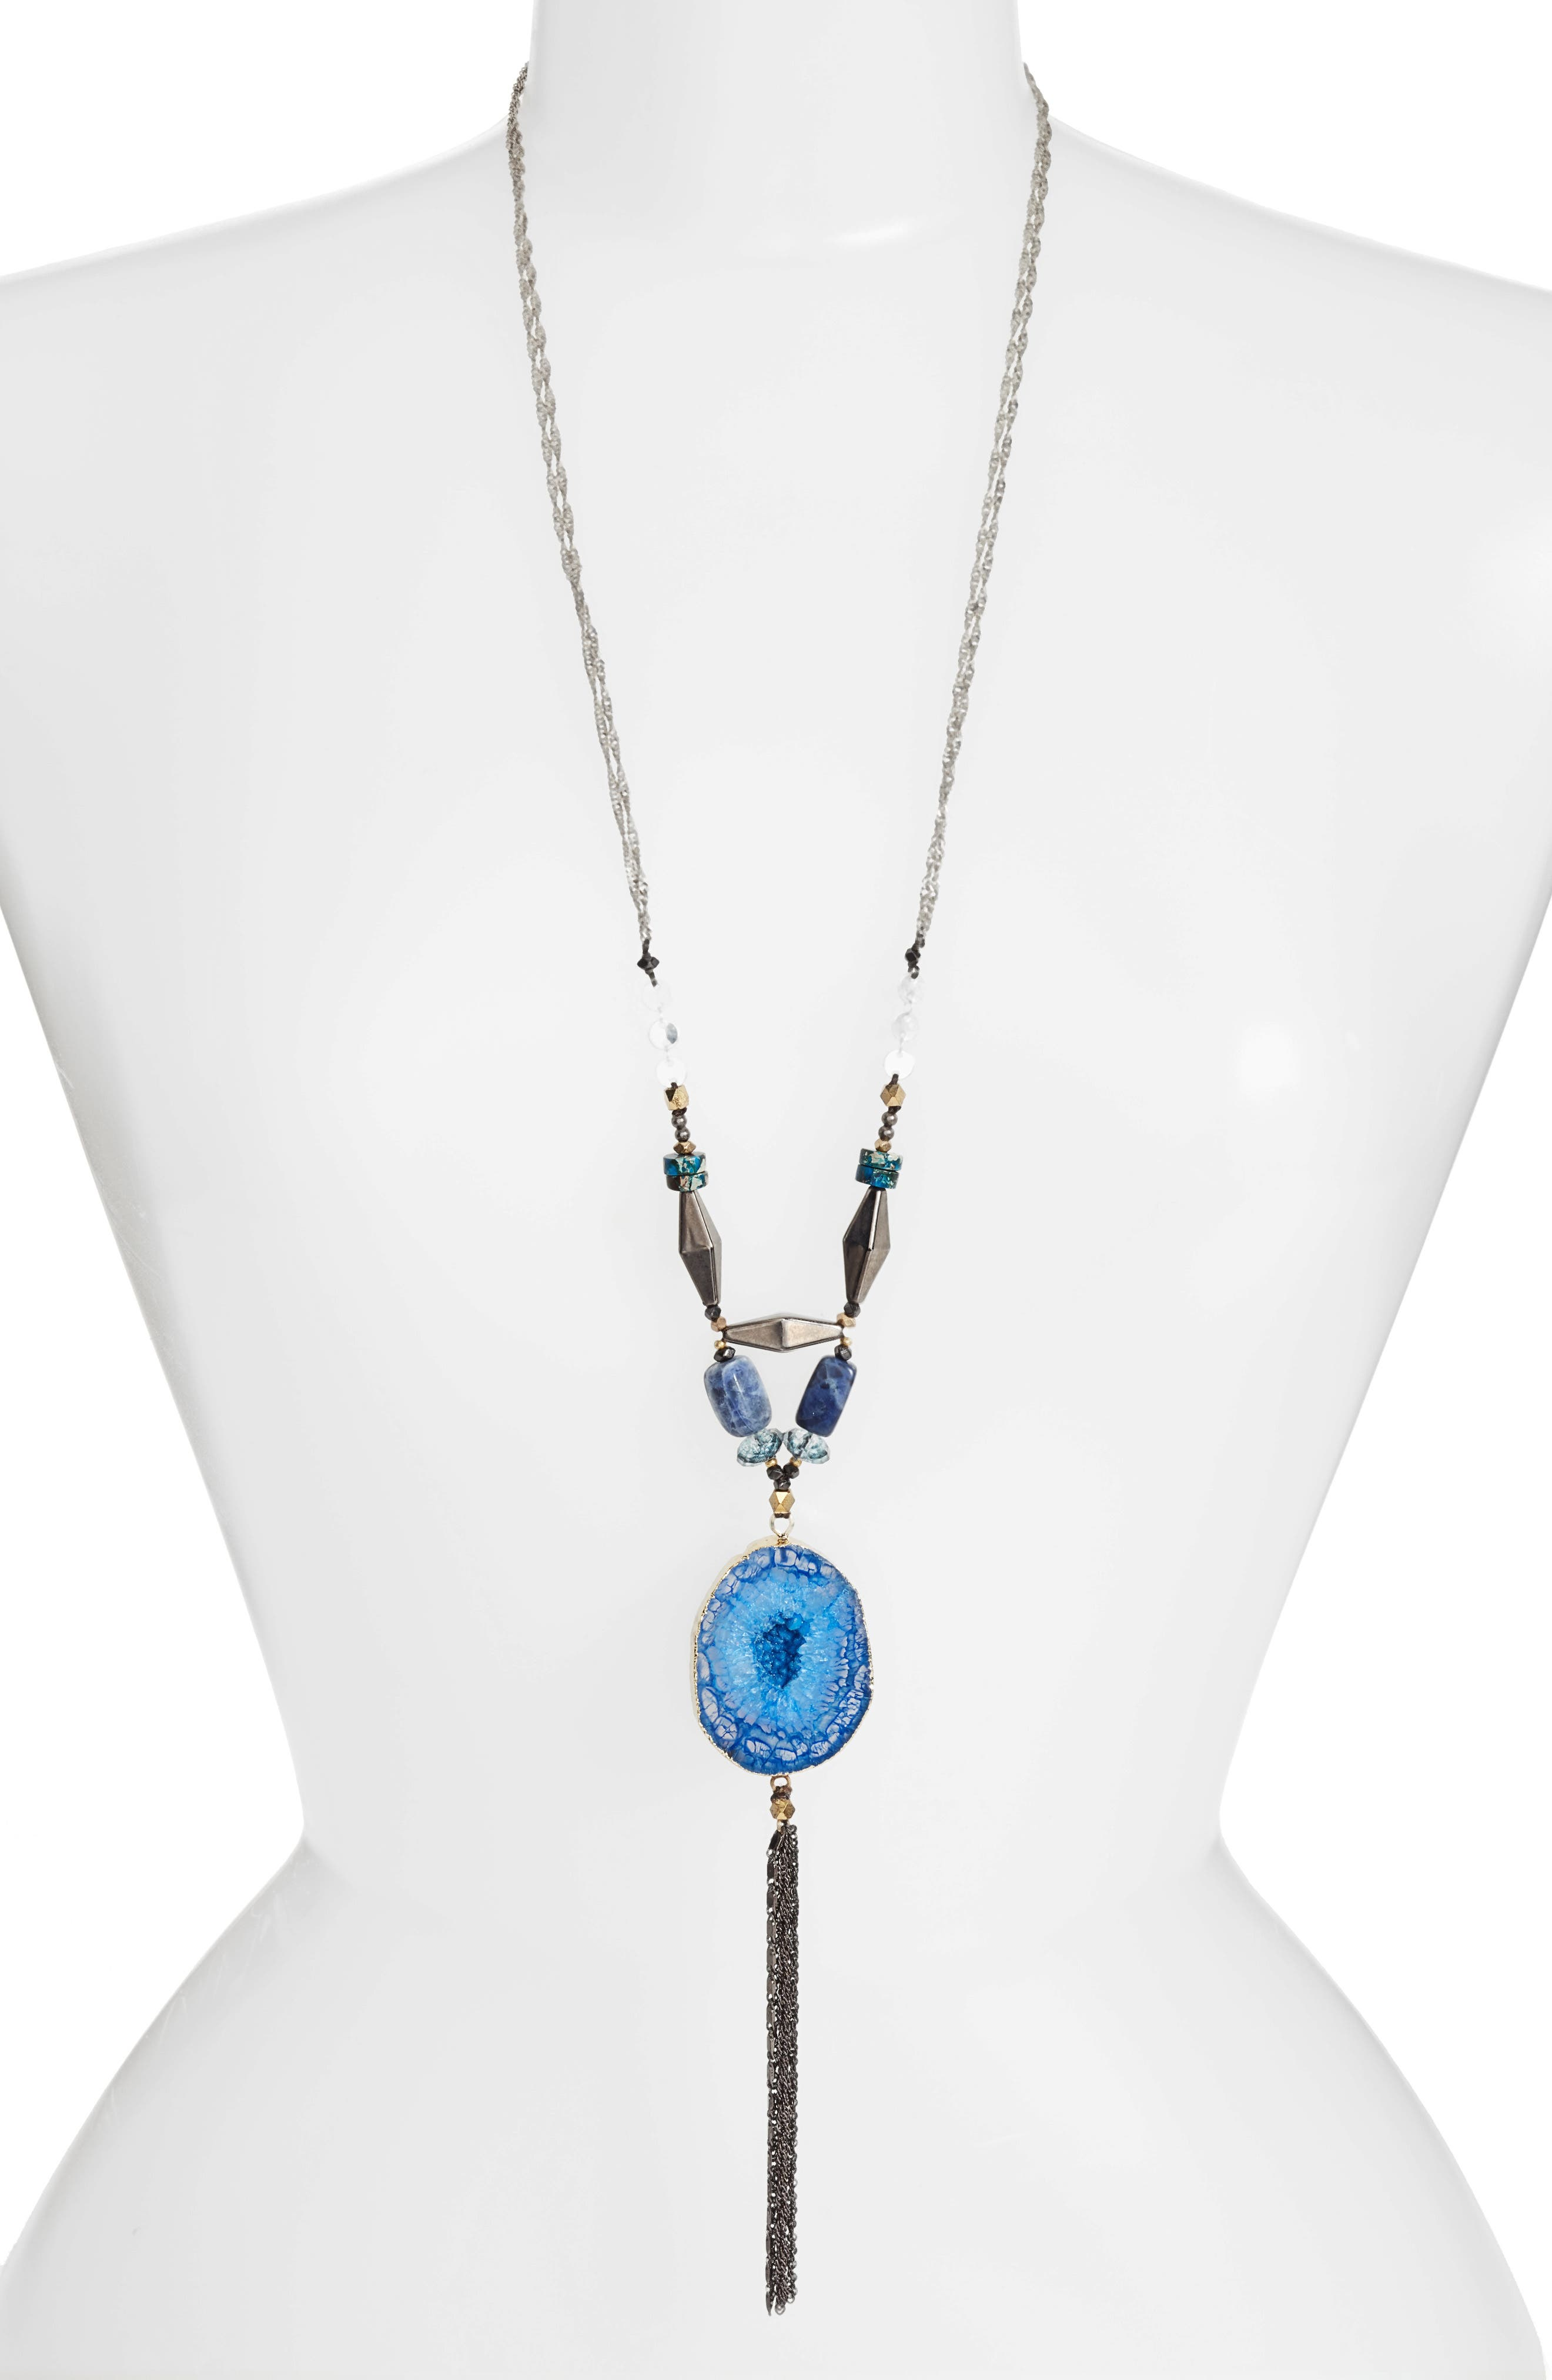 Main Image - Nakamol Design Stone Pendant Necklace